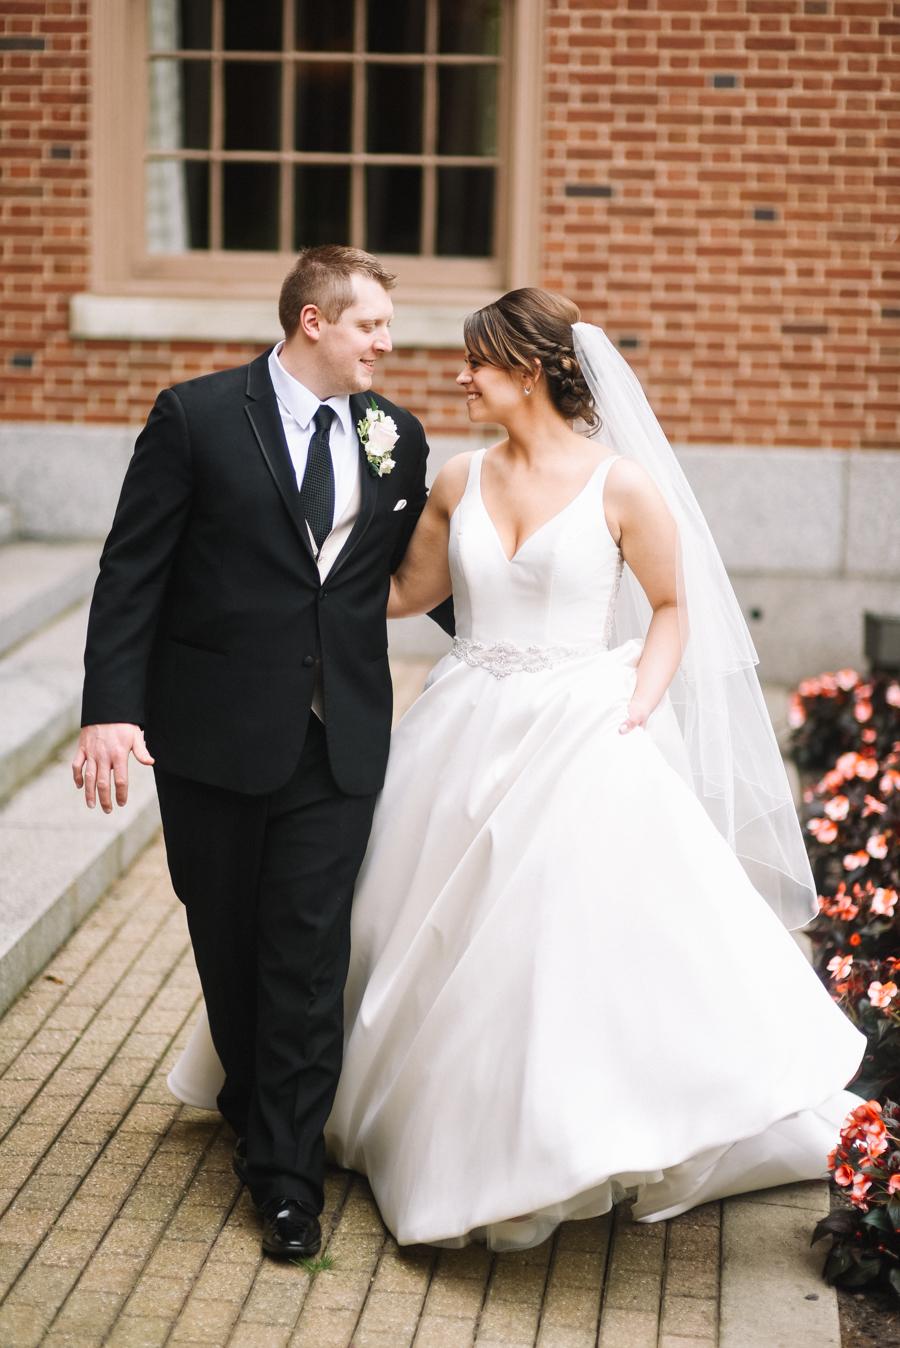 Dearborn_Inn_Wedding_Photos-59.jpg